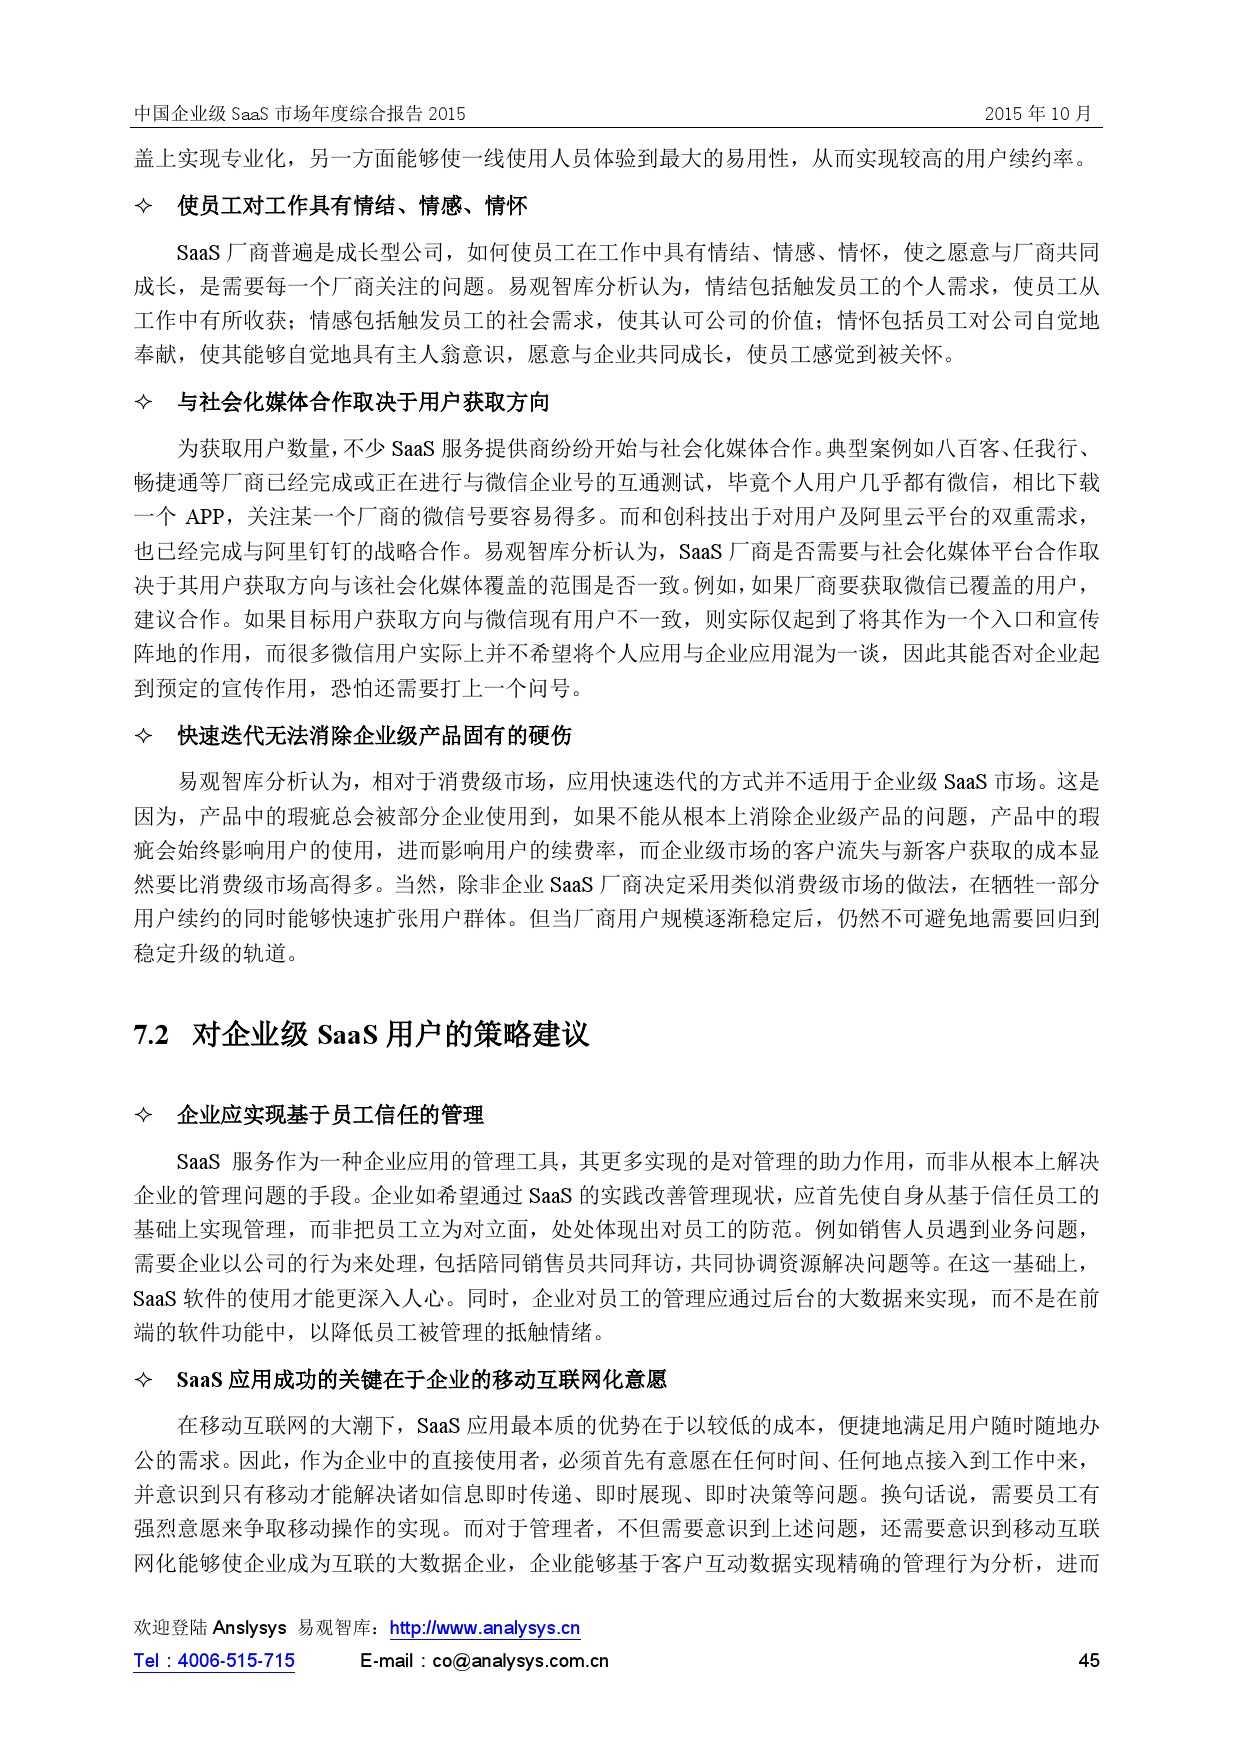 中国企业级SaaS市场年度综合报告2015 01_000045